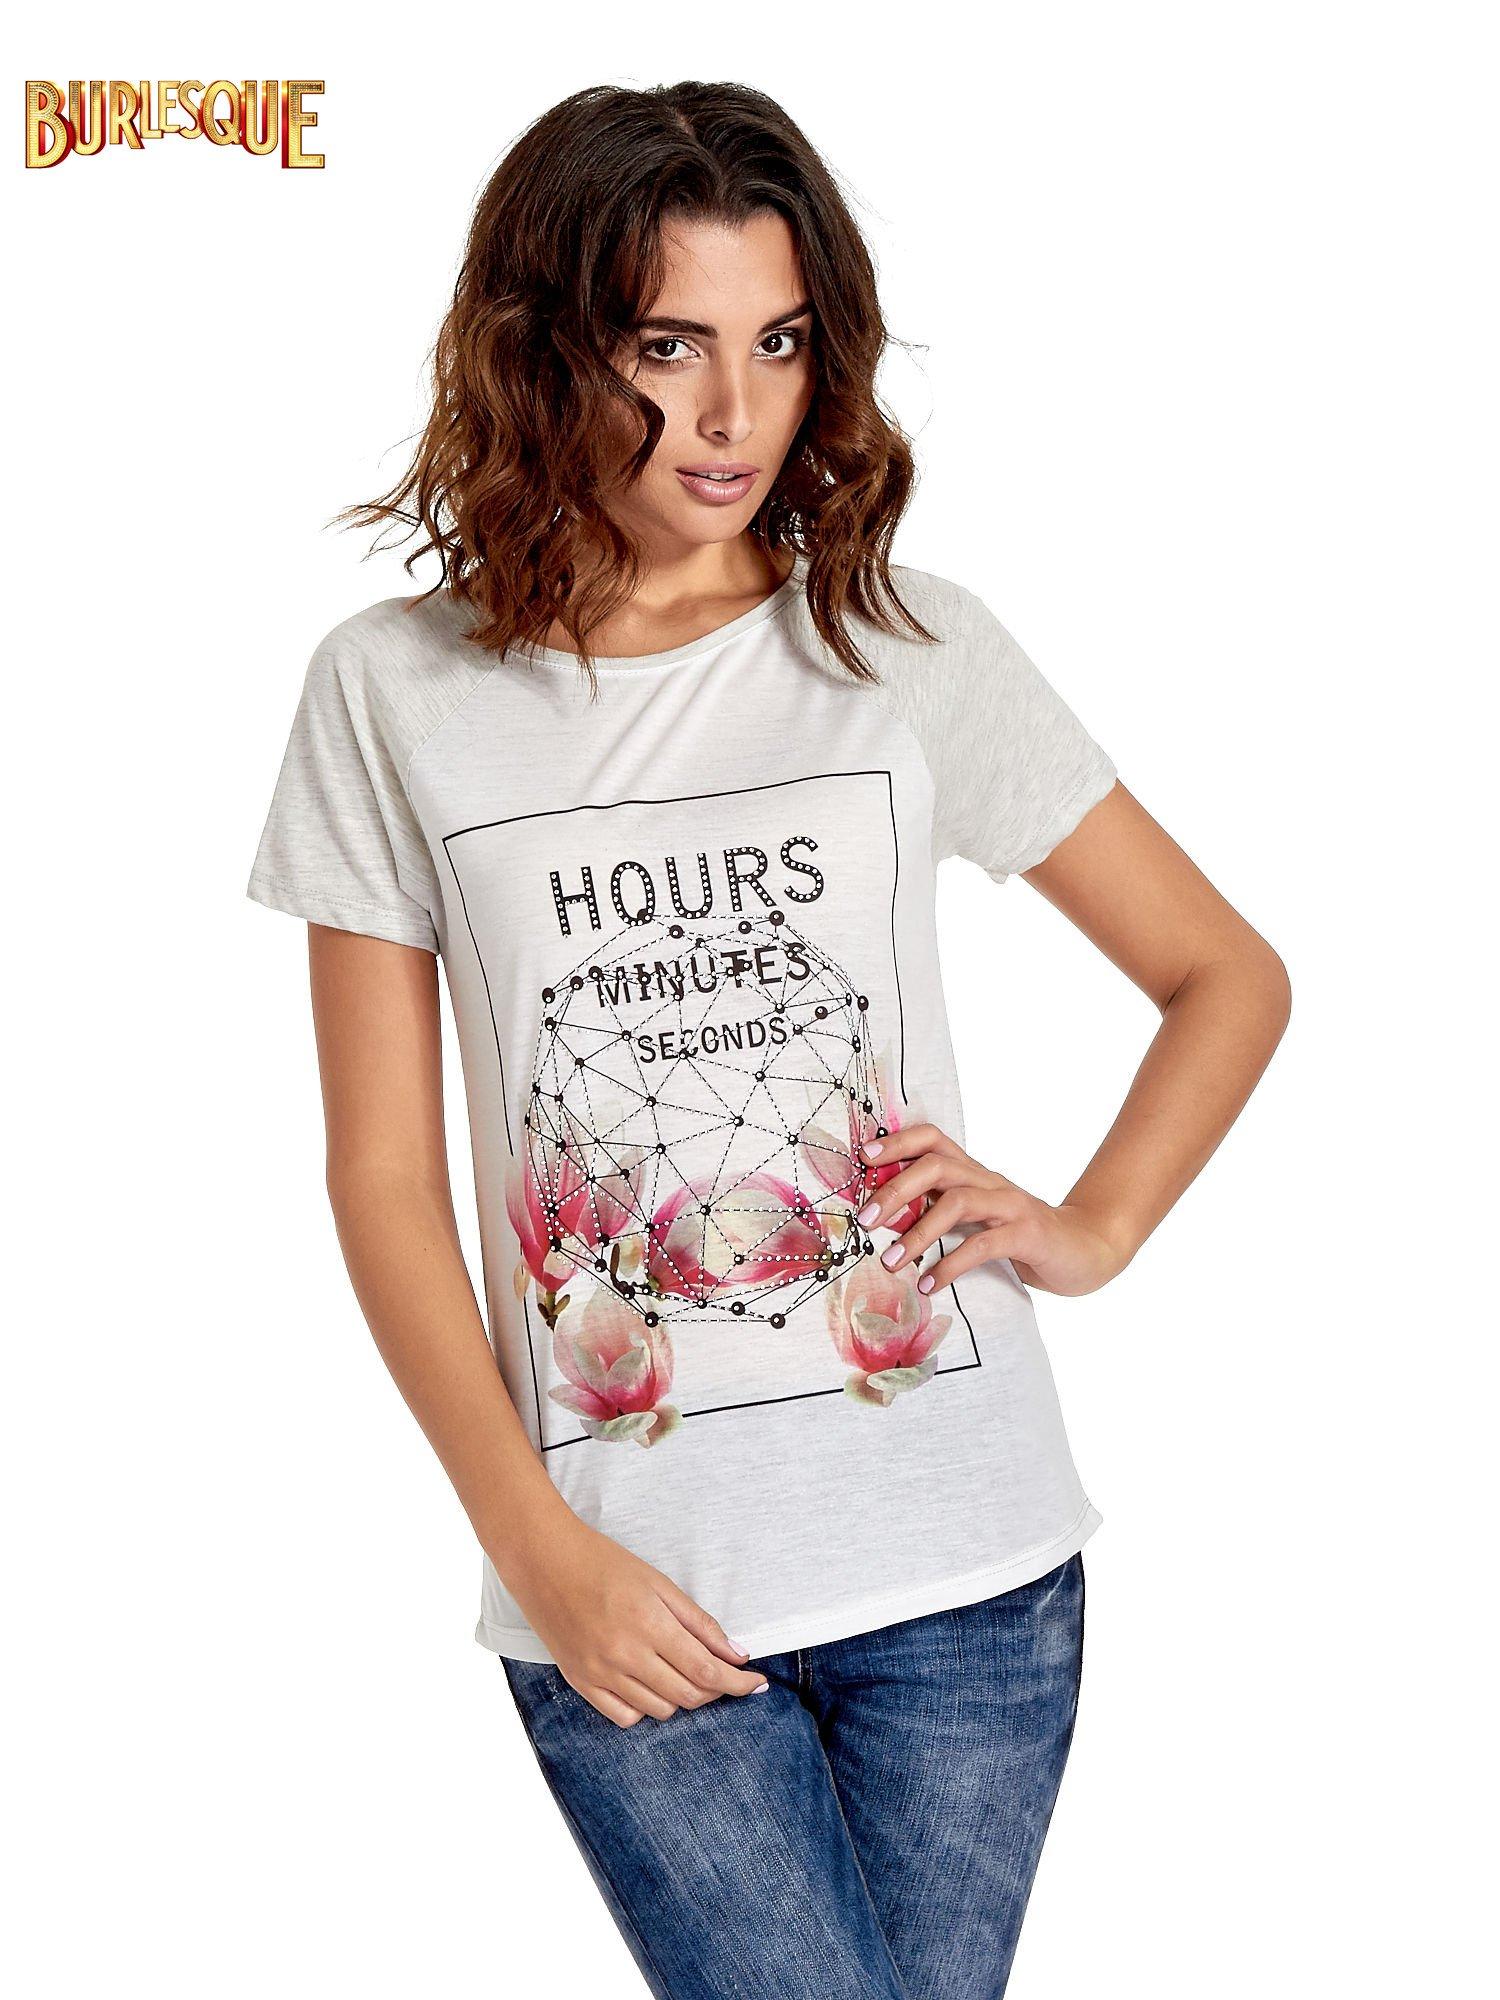 Szary t-shirt z napisem HOURS MINUTES SECONDS z dżetami                                  zdj.                                  1